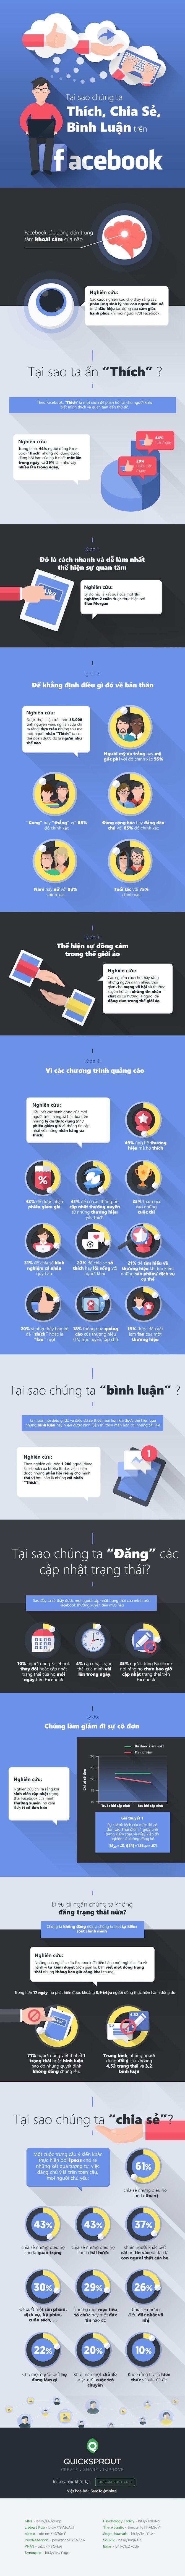 92 best Social media images on Pinterest